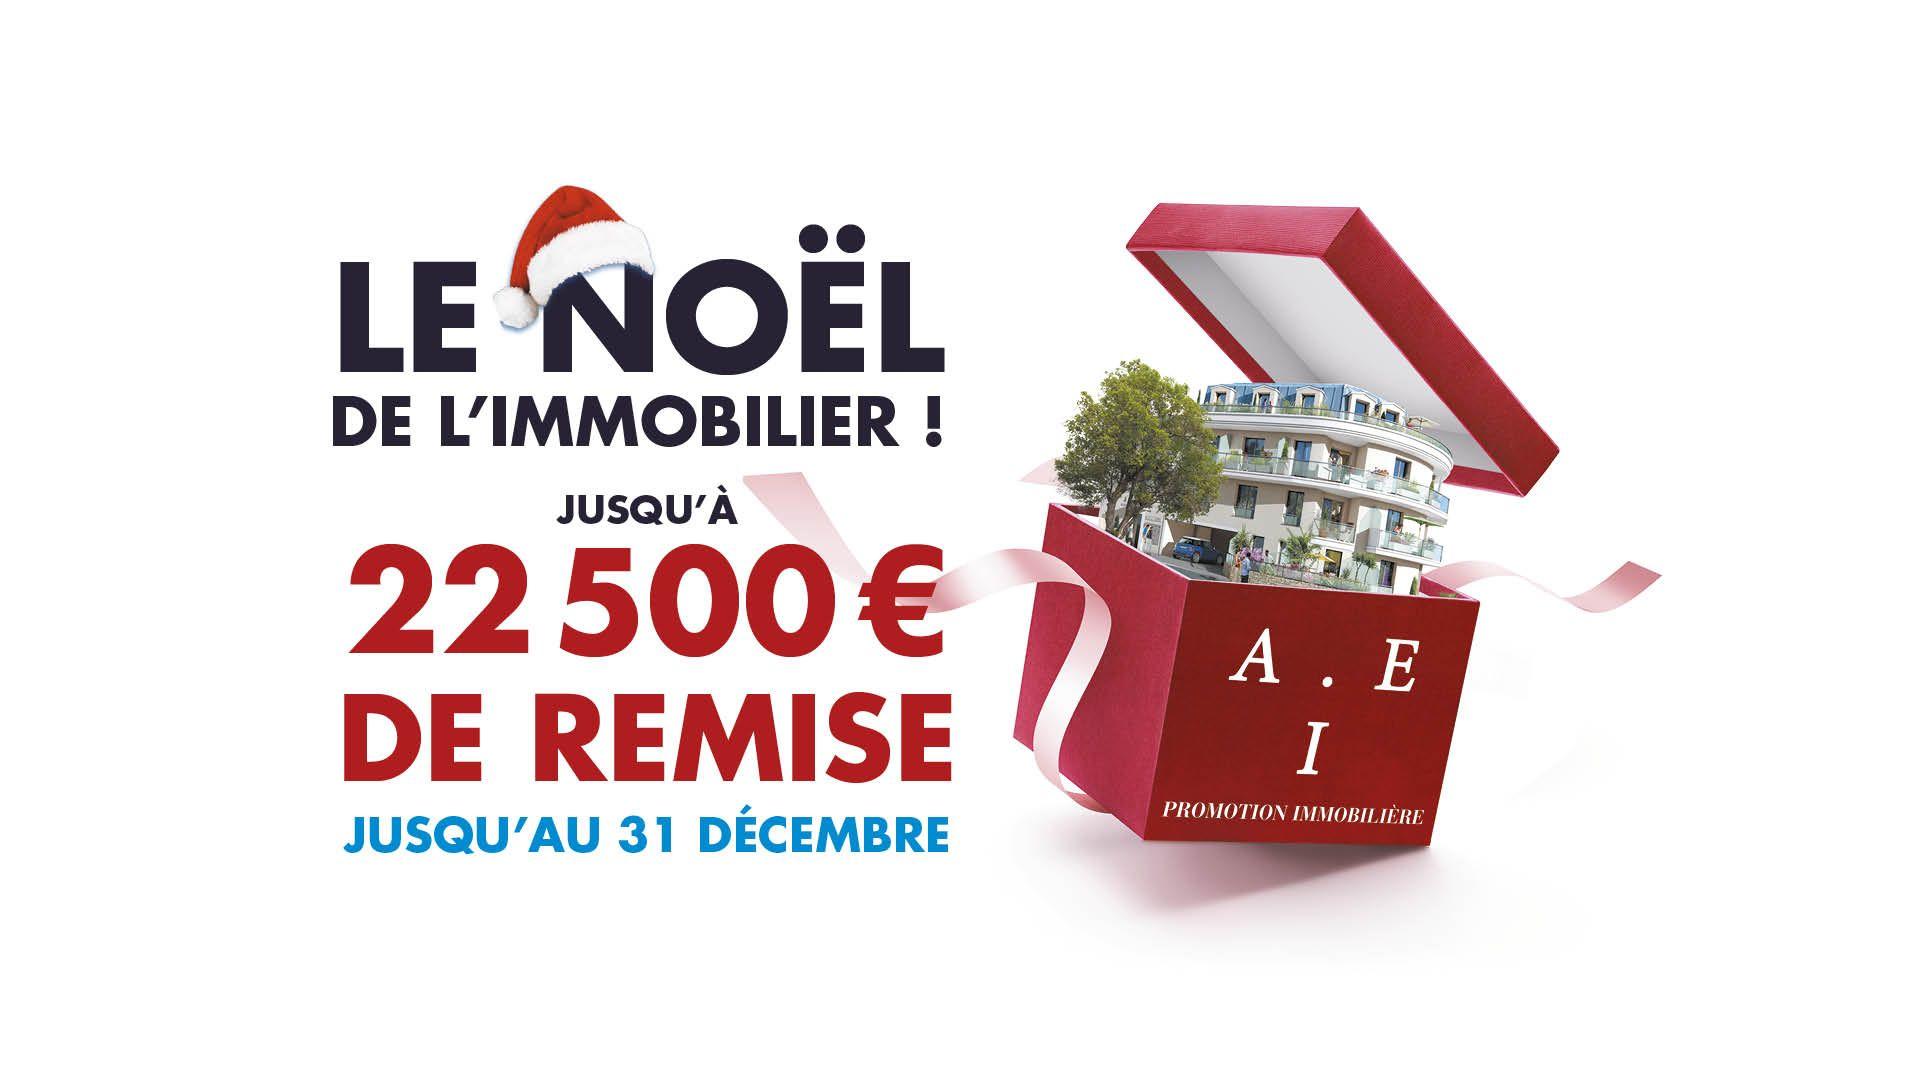 Noel de l'immobilier